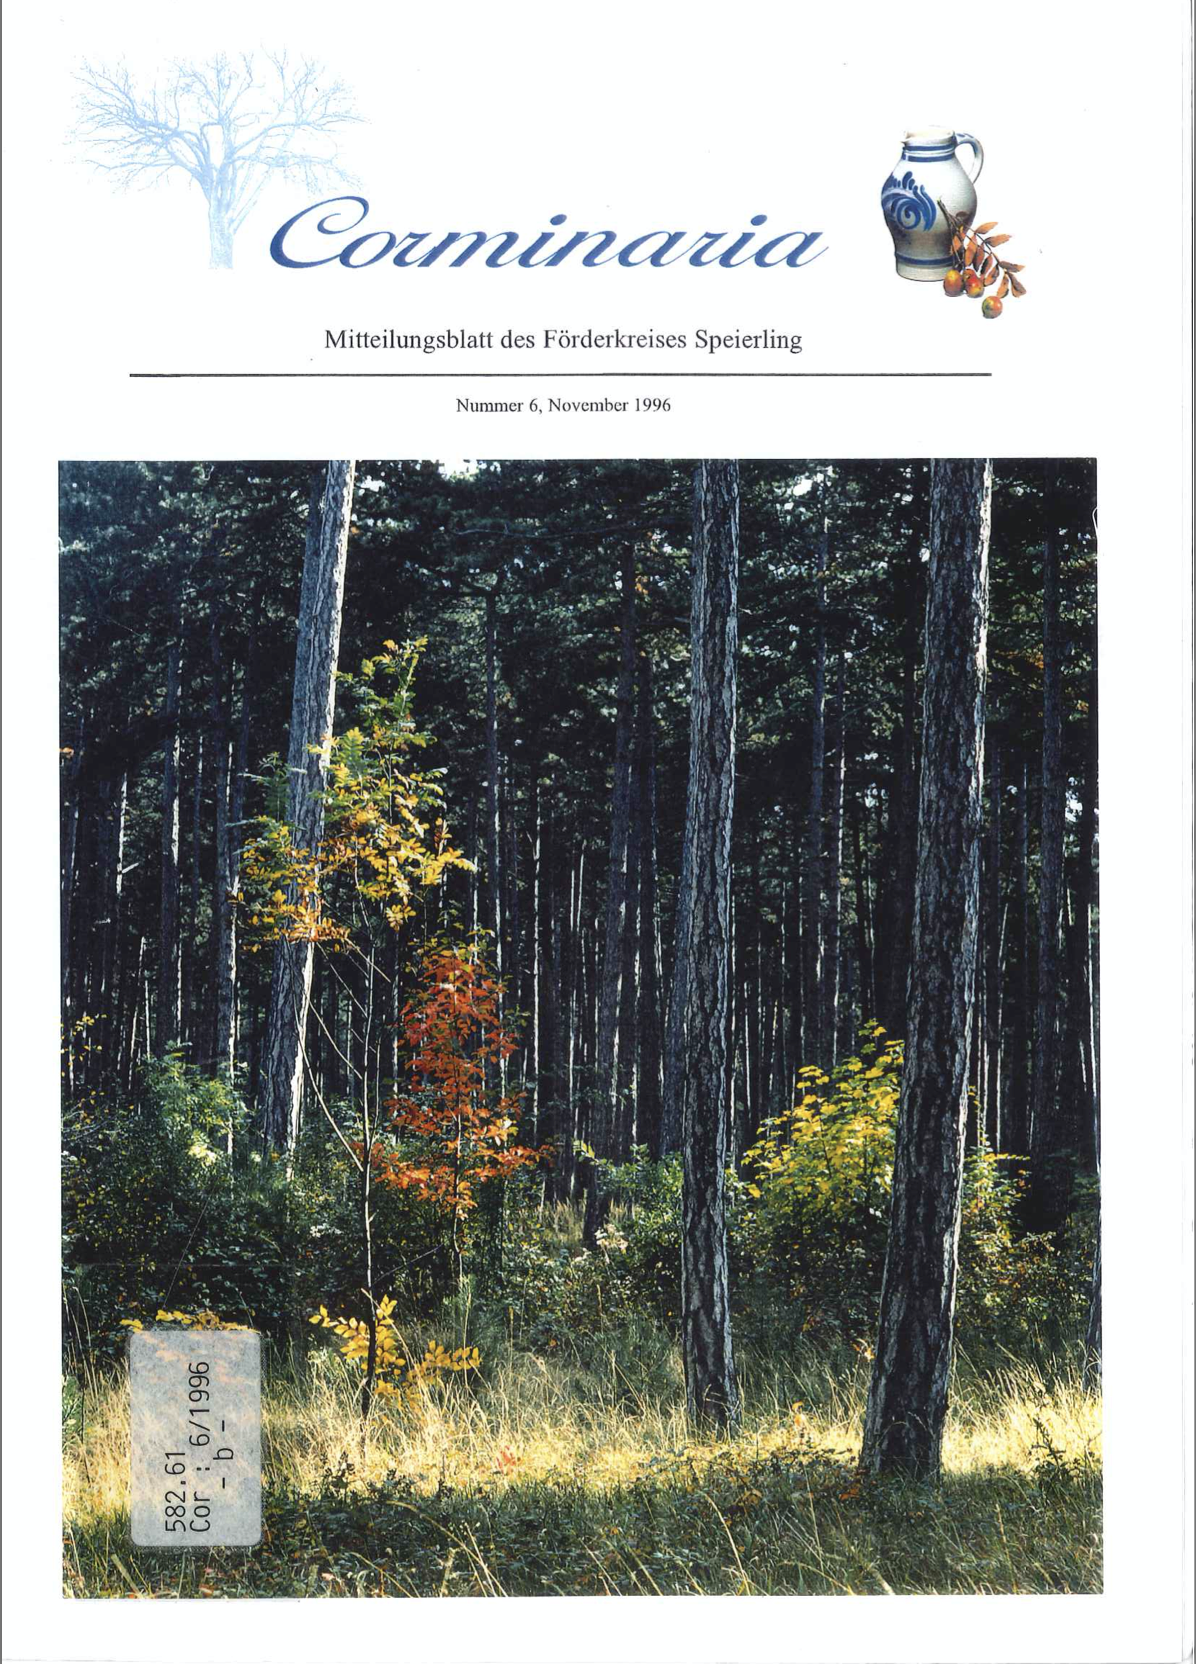 Corminaria Heft Nr. 6